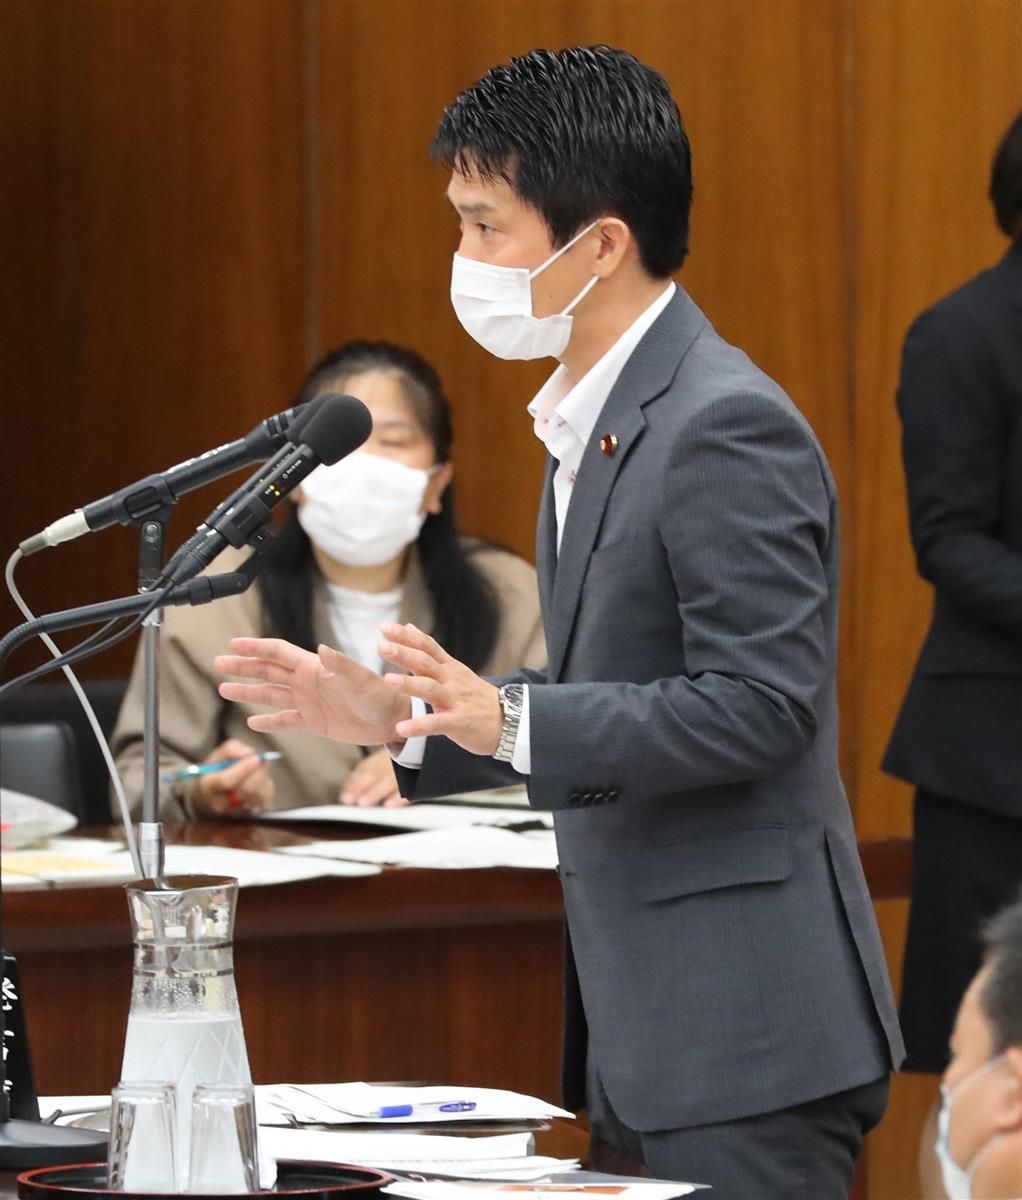 立憲民主党の小川淳也衆院議員